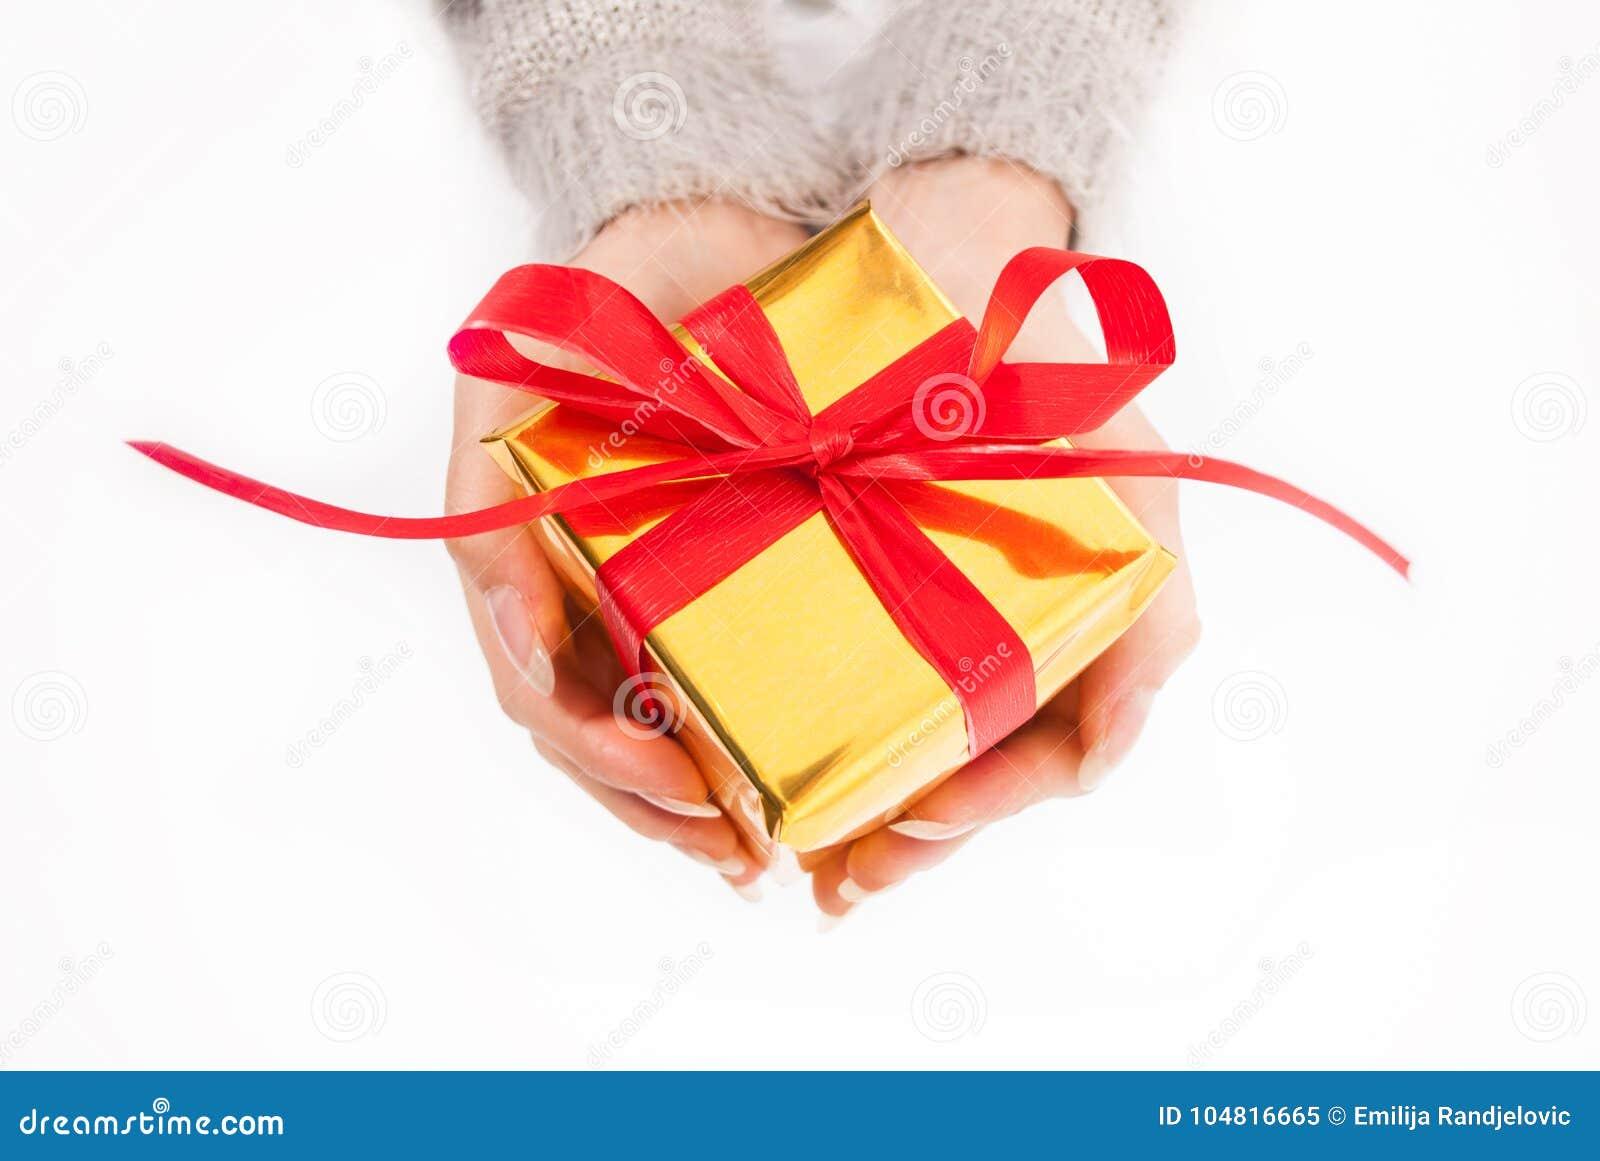 Vrouwelijke hand die gouden doos houden met rode boog op witte achtergrond huidig